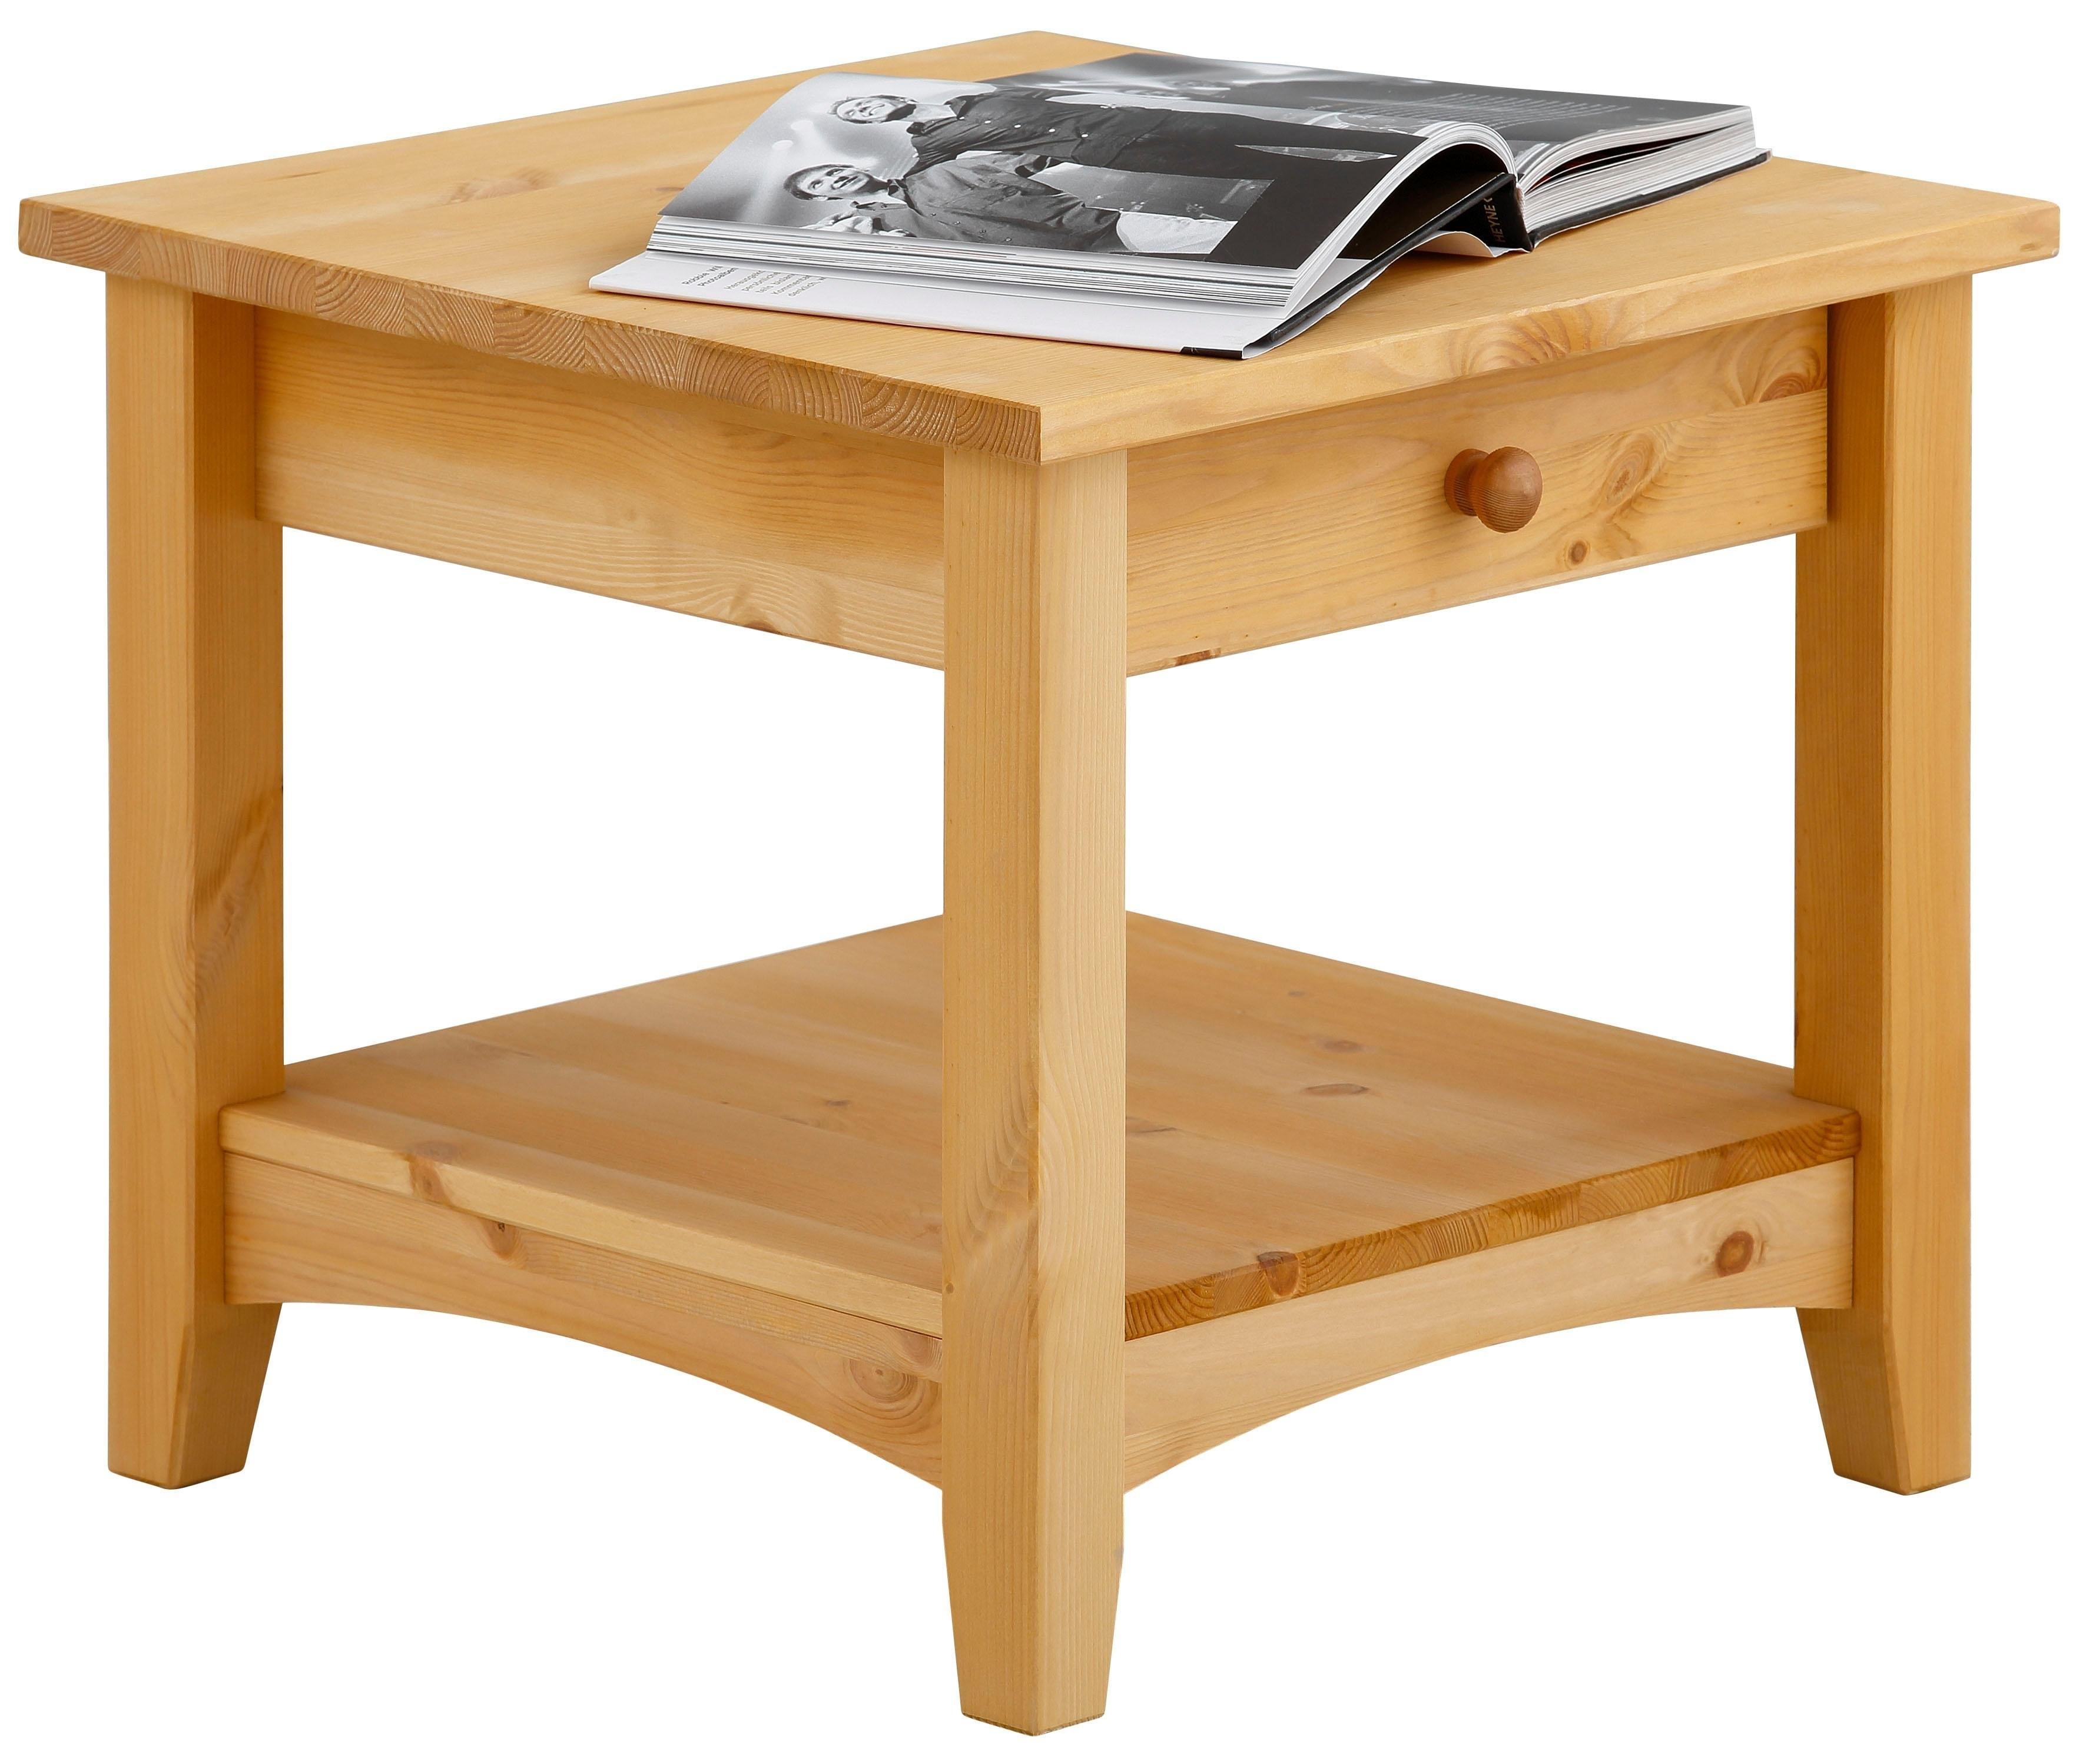 Home Affaire salontafel »Tommy«, met legplank en praktische laden in 3 verschillende kleuren online kopen op otto.nl